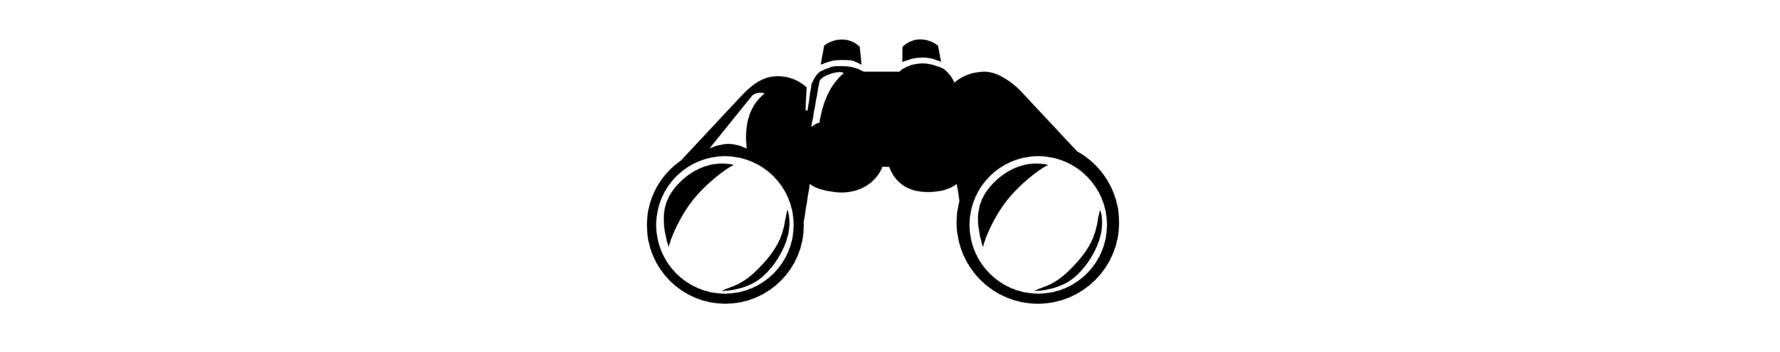 Binoculars_logo.png